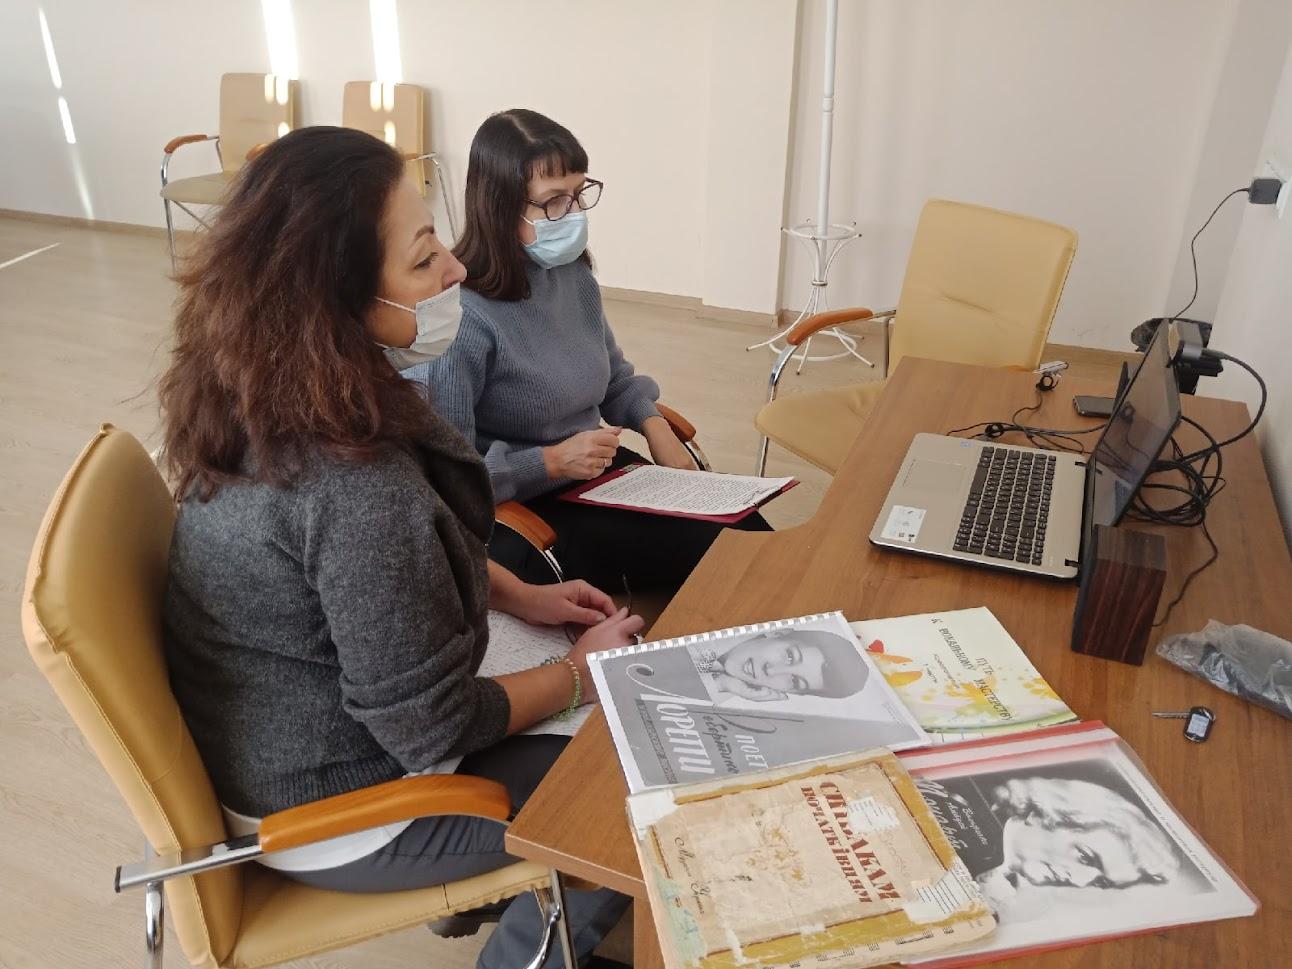 ВГИИК активно развивает проект сотрудничества преподавателей вуза с педагогами учреждений дополнительного образования Волгоградской области